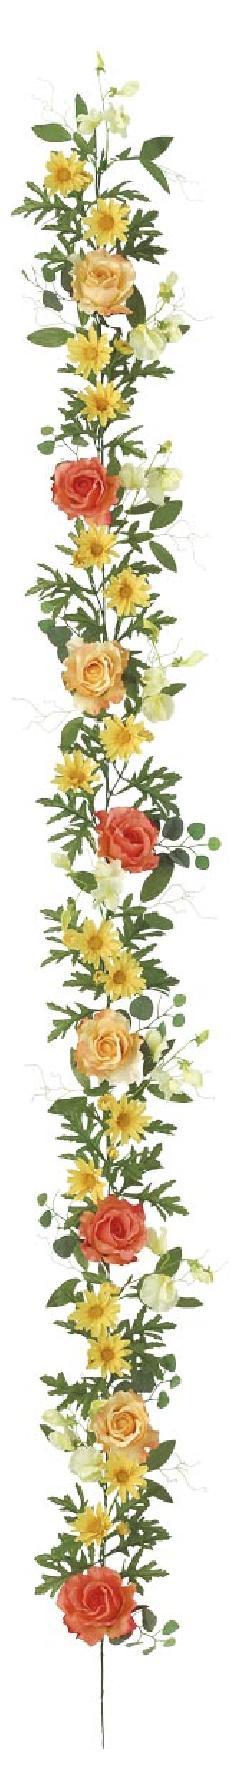 屋内用造花バラガーランド(アソートローズ・イエローミックス・全長175cm/花径1.5〜8cm)FLG−3006